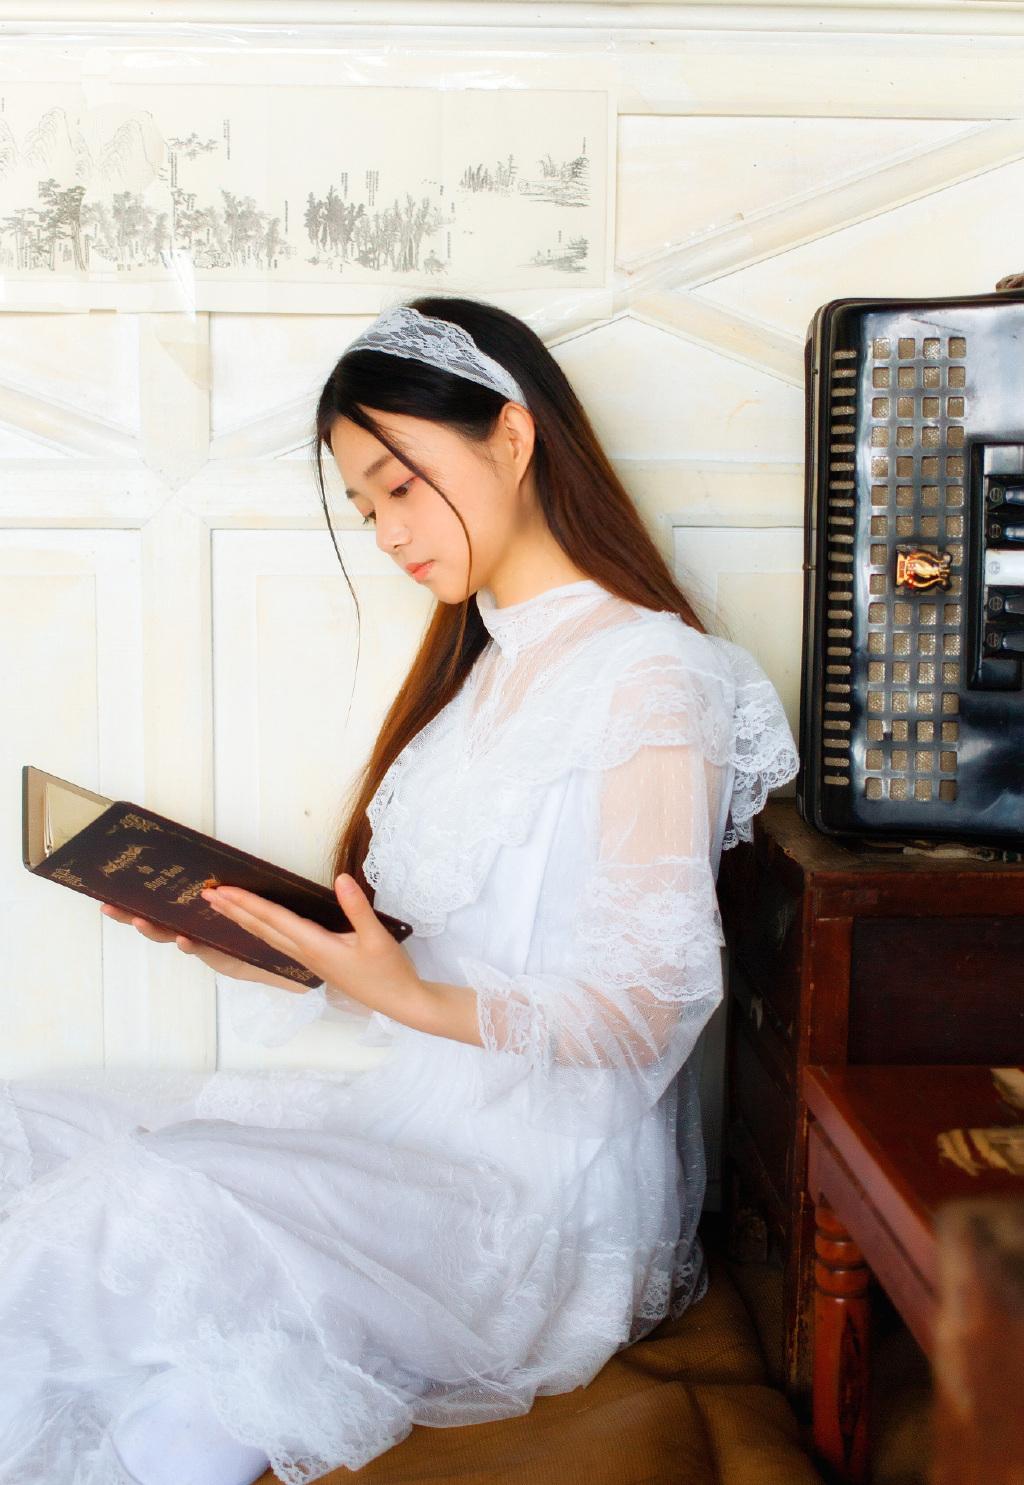 5MIR-104性感大奶混血美女模特浴室诱人写真